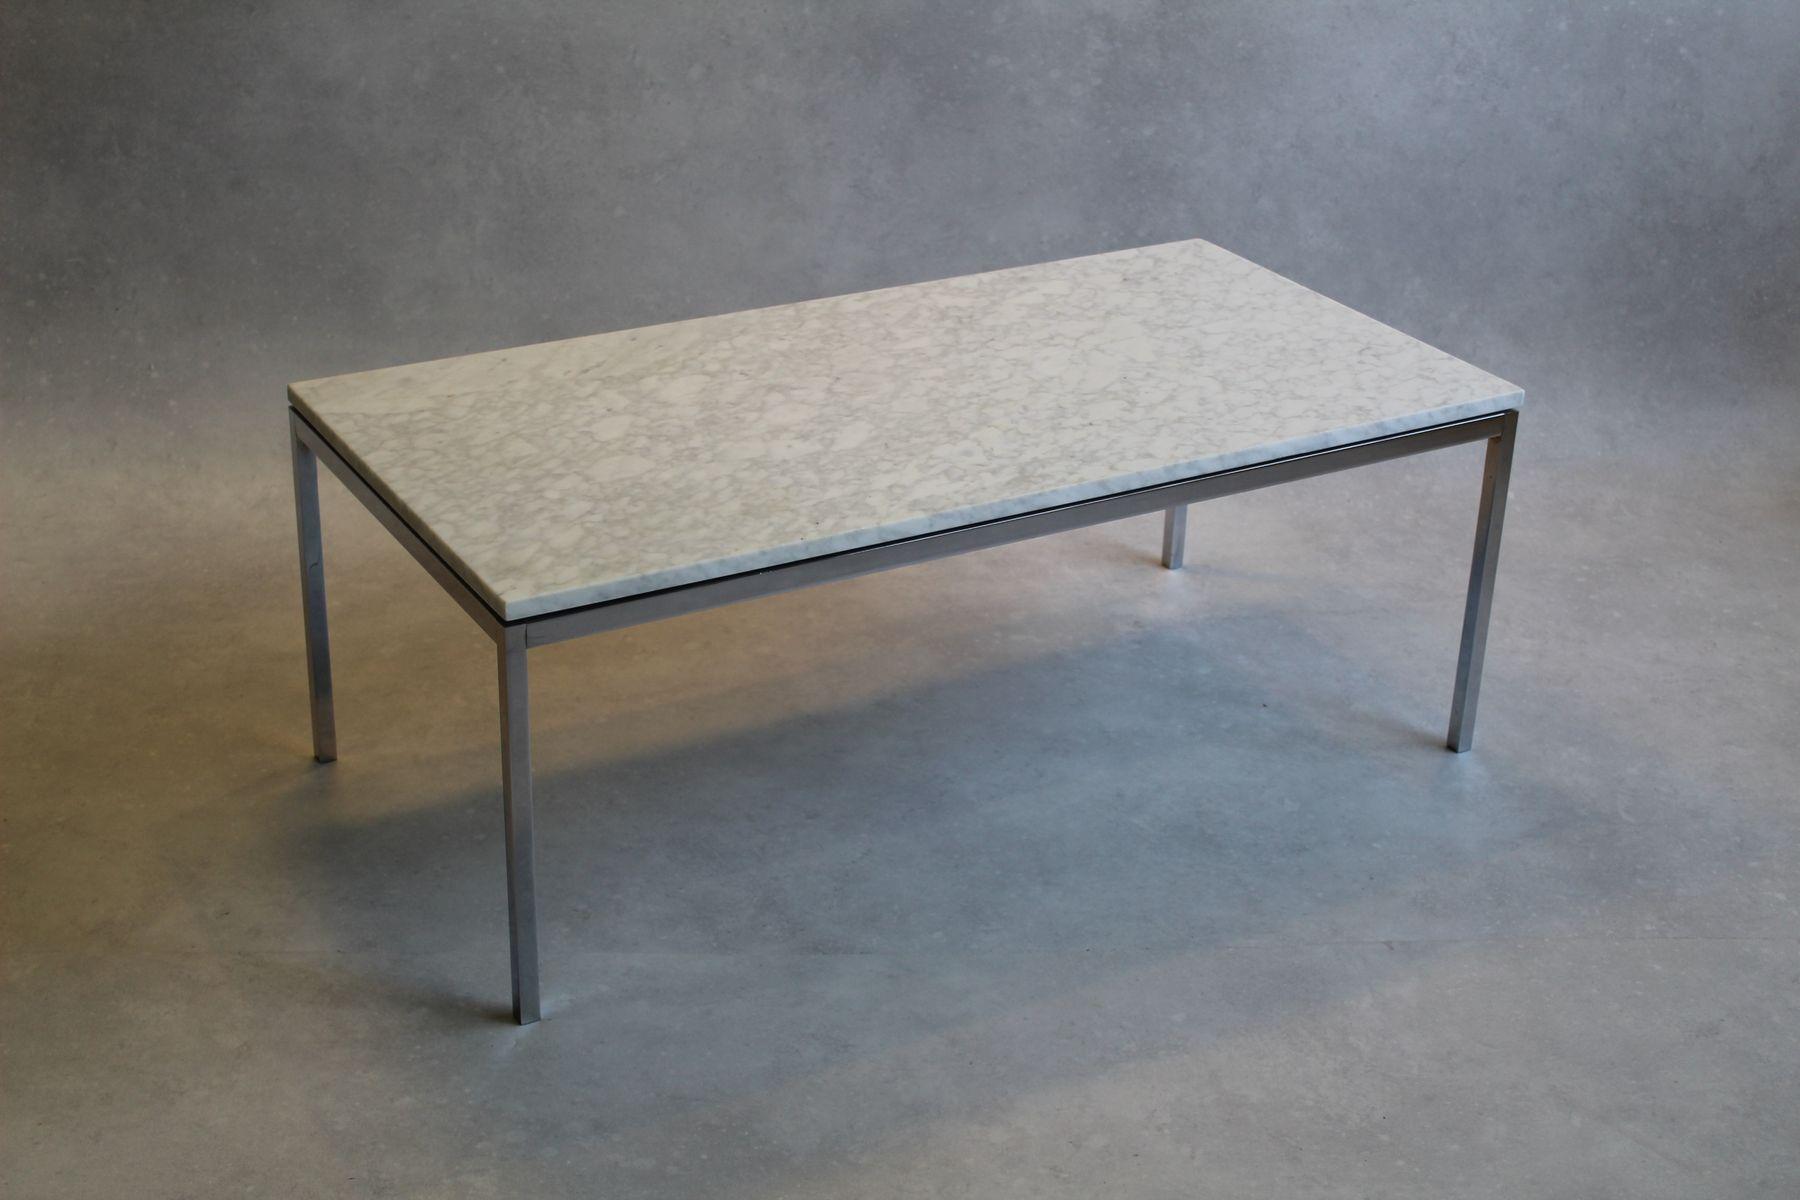 table basse vintage en marbre et chrome par florence knoll. Black Bedroom Furniture Sets. Home Design Ideas